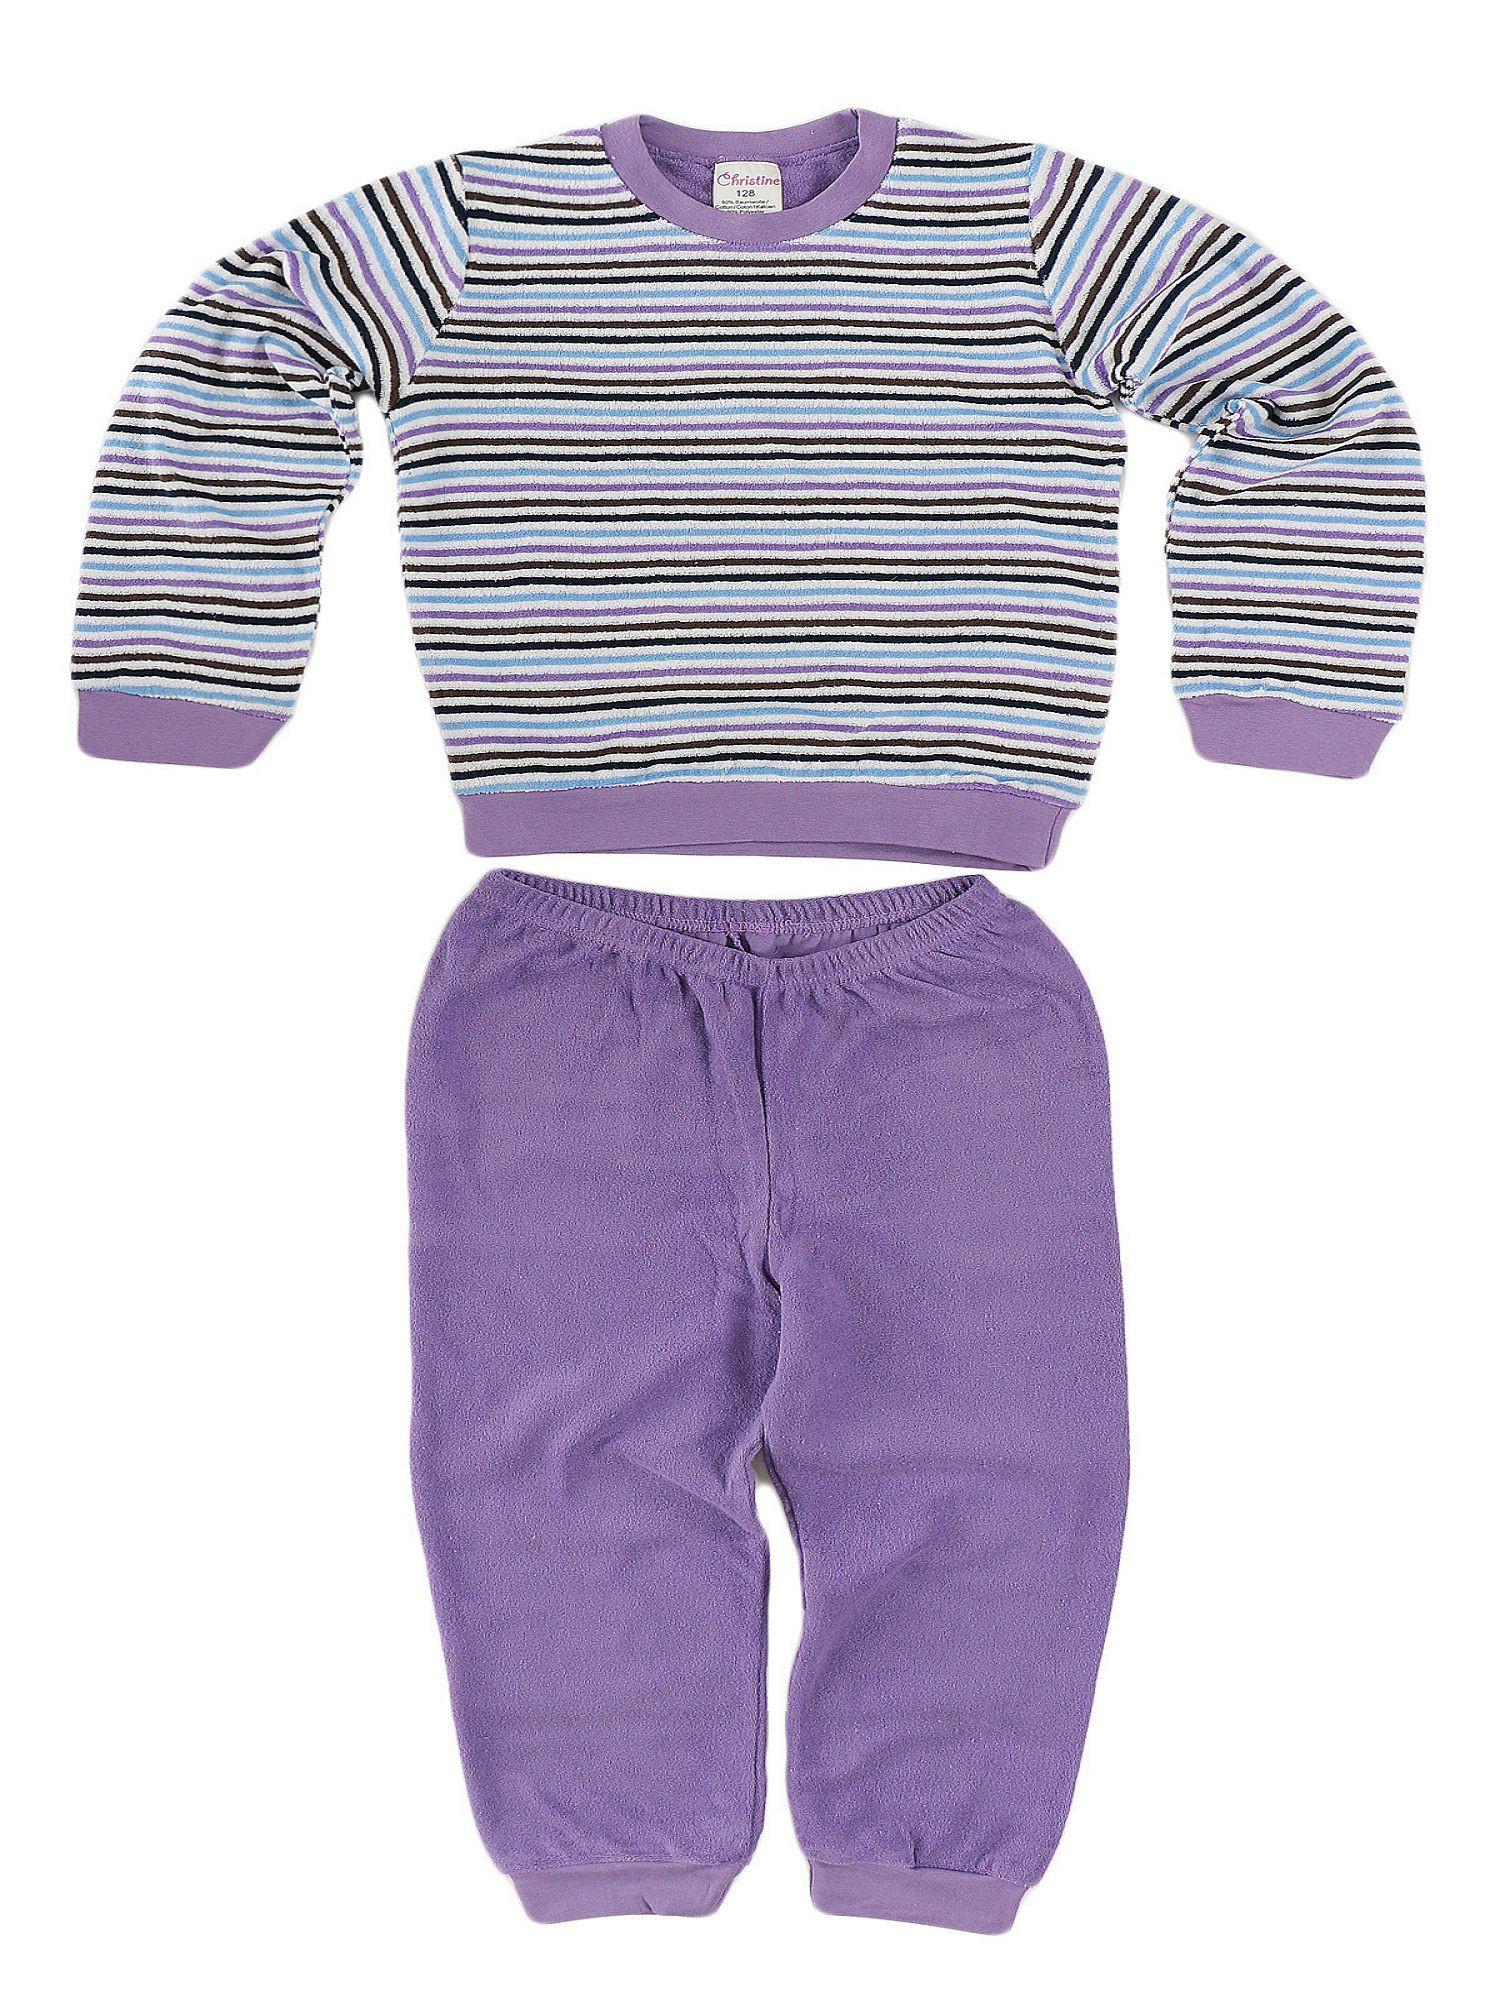 Kuscheliger Mädchen Frottee Pyjama langarm mit Bündchen - 52991 – Bild 2